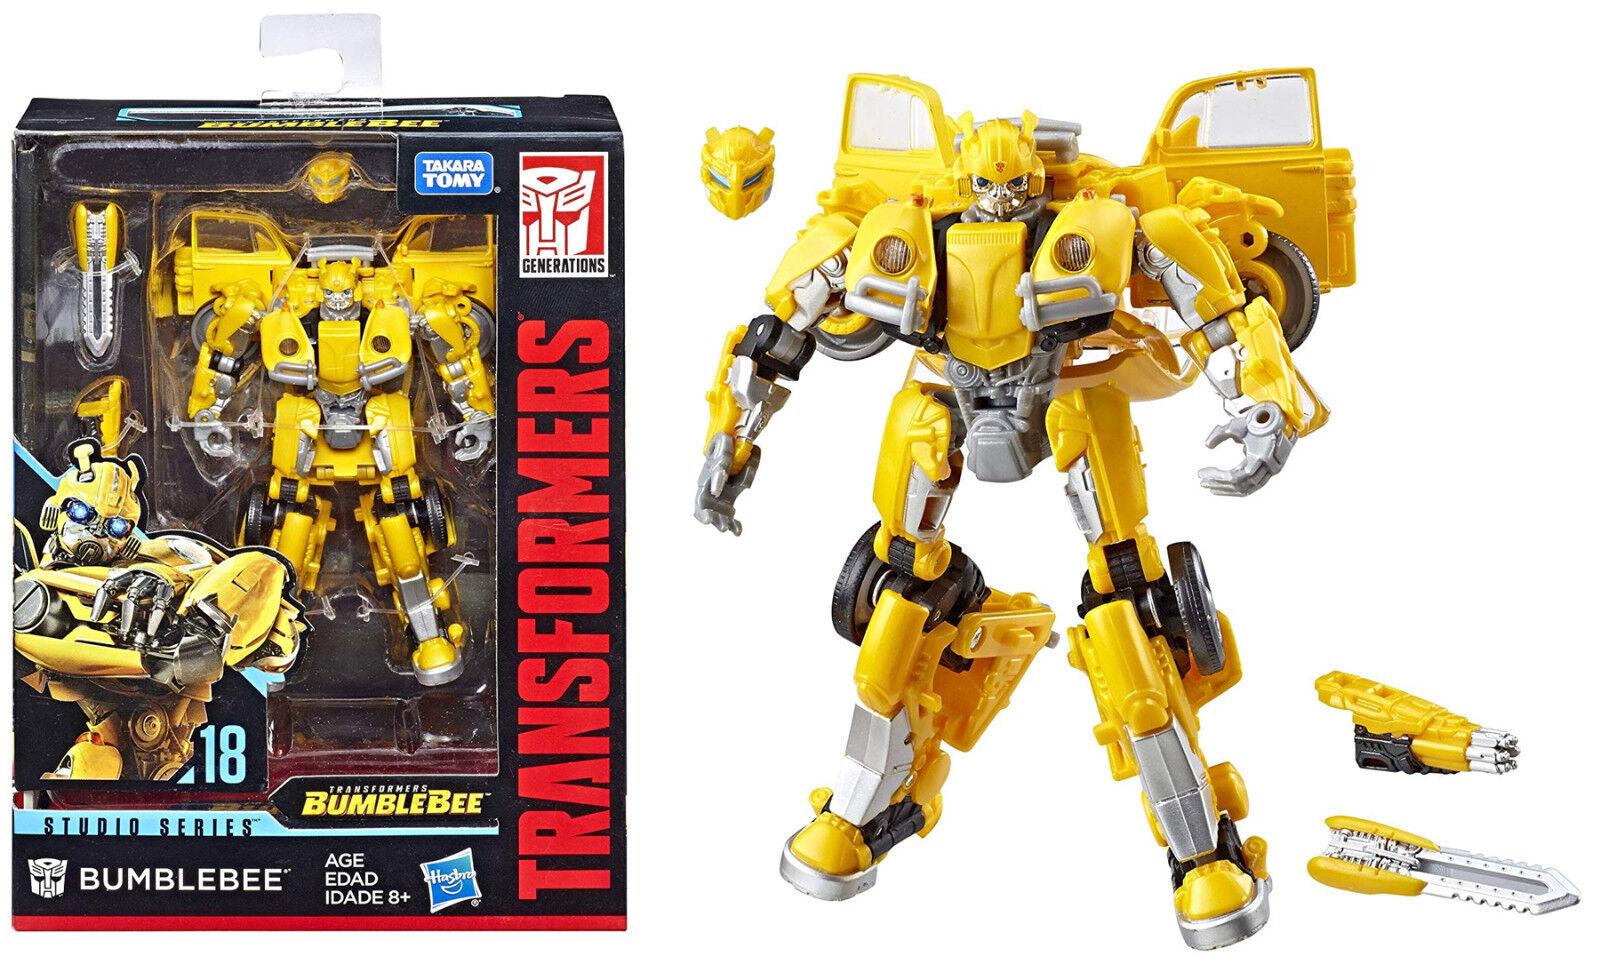 Transformers Studio Series  Bumblebee VW Film Series Figure  18  Deluxe Class